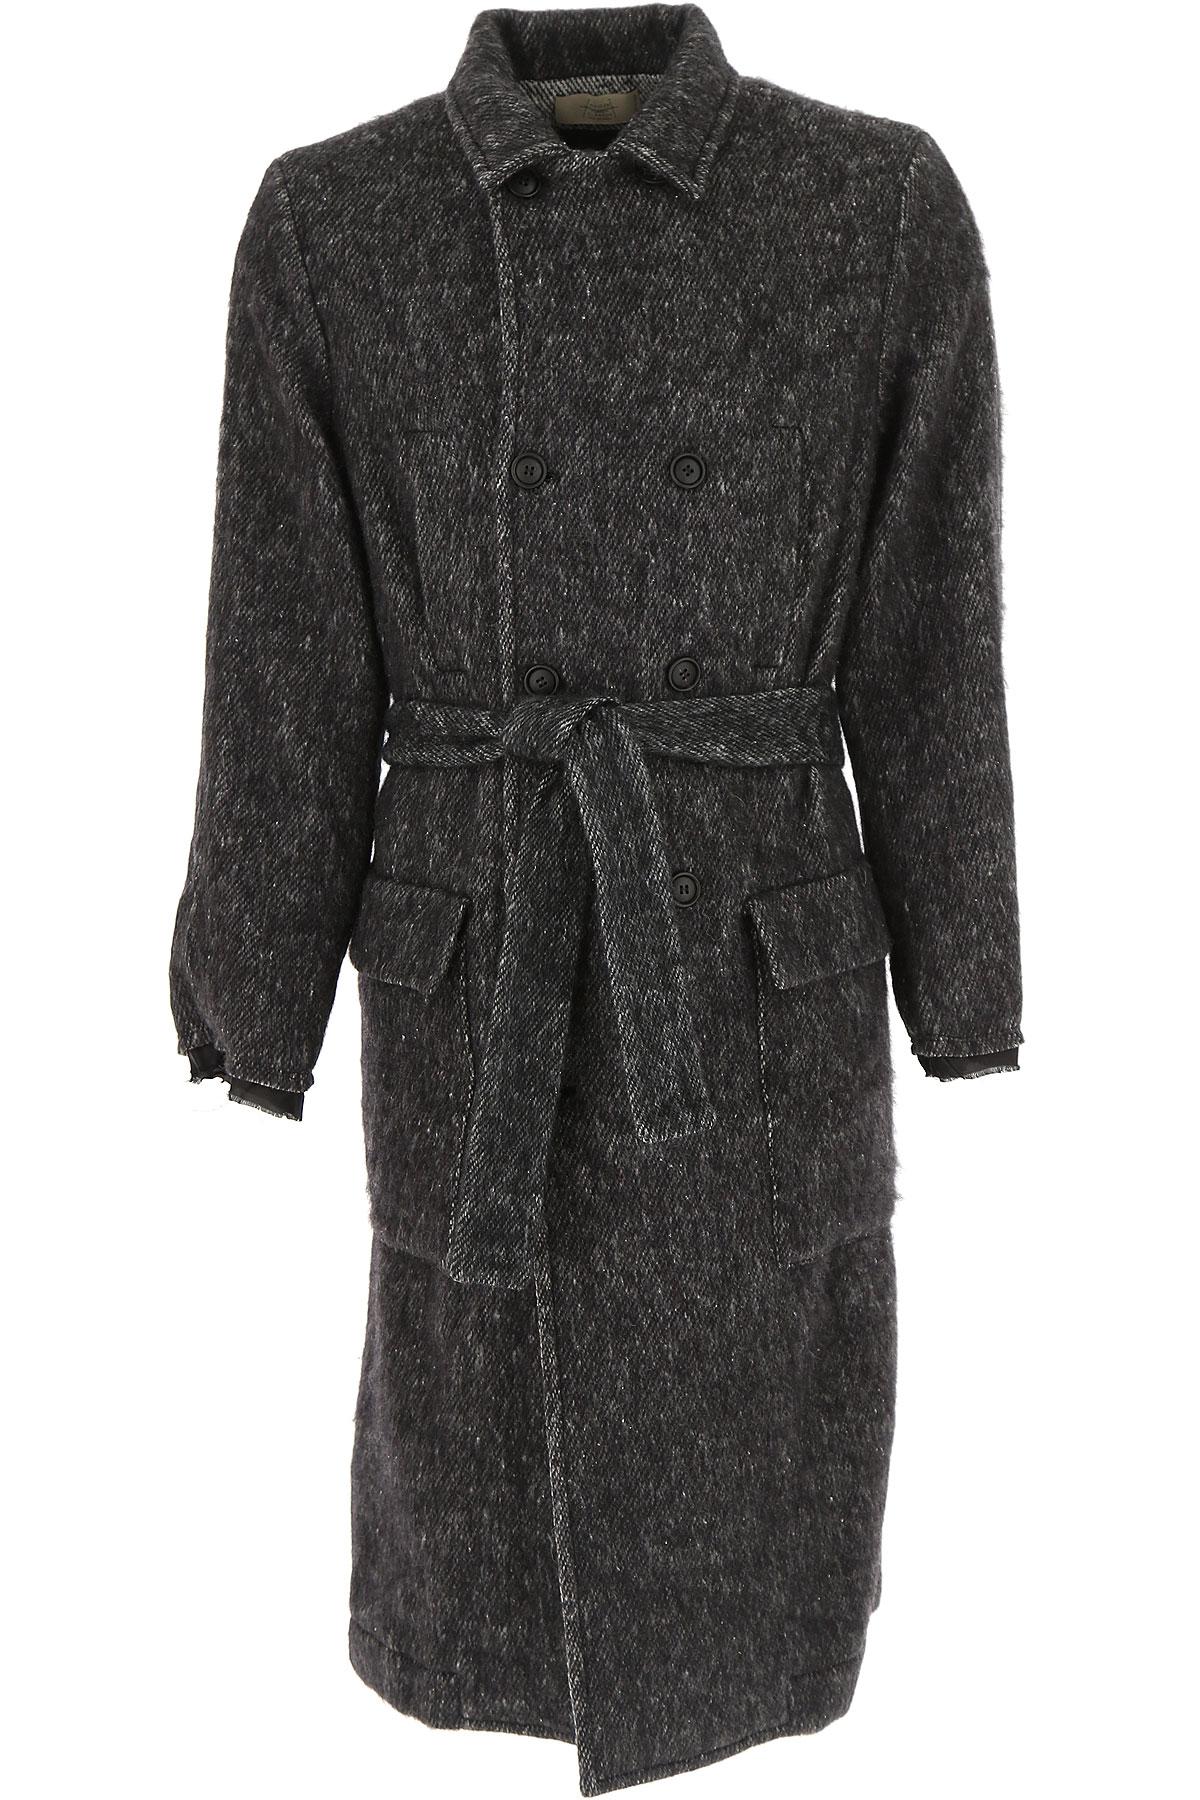 Image of Maison Flaneur Men\'s Coat, Black, Virgin wool, 2017, L M XL